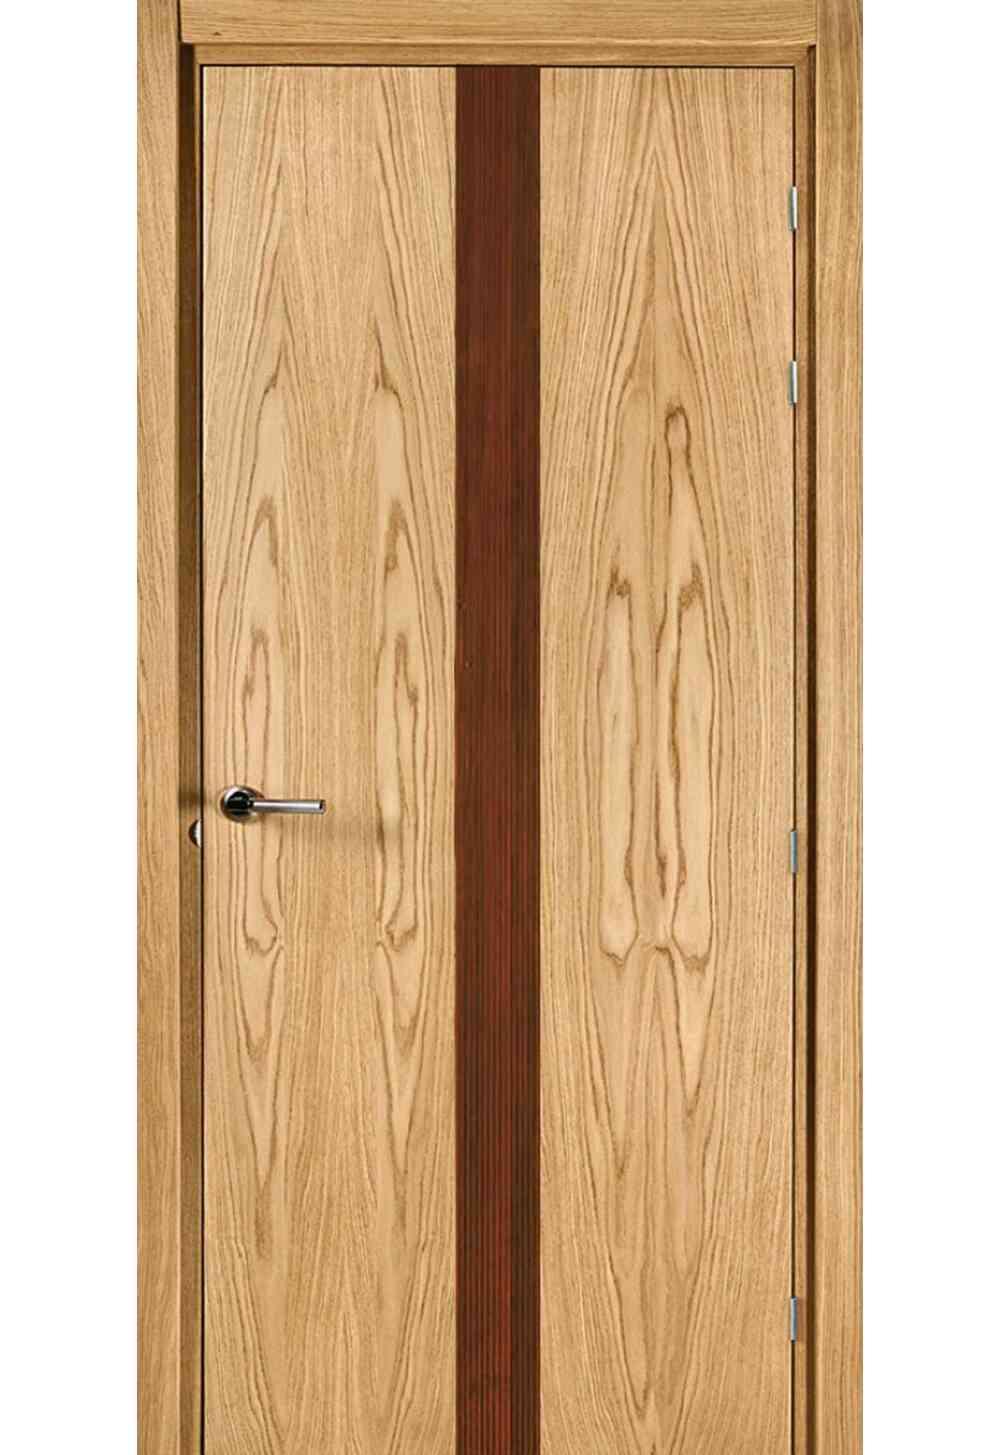 Купити Двері міжкімнатні FADO Plato 1304 _дуб натура_, 660x2020